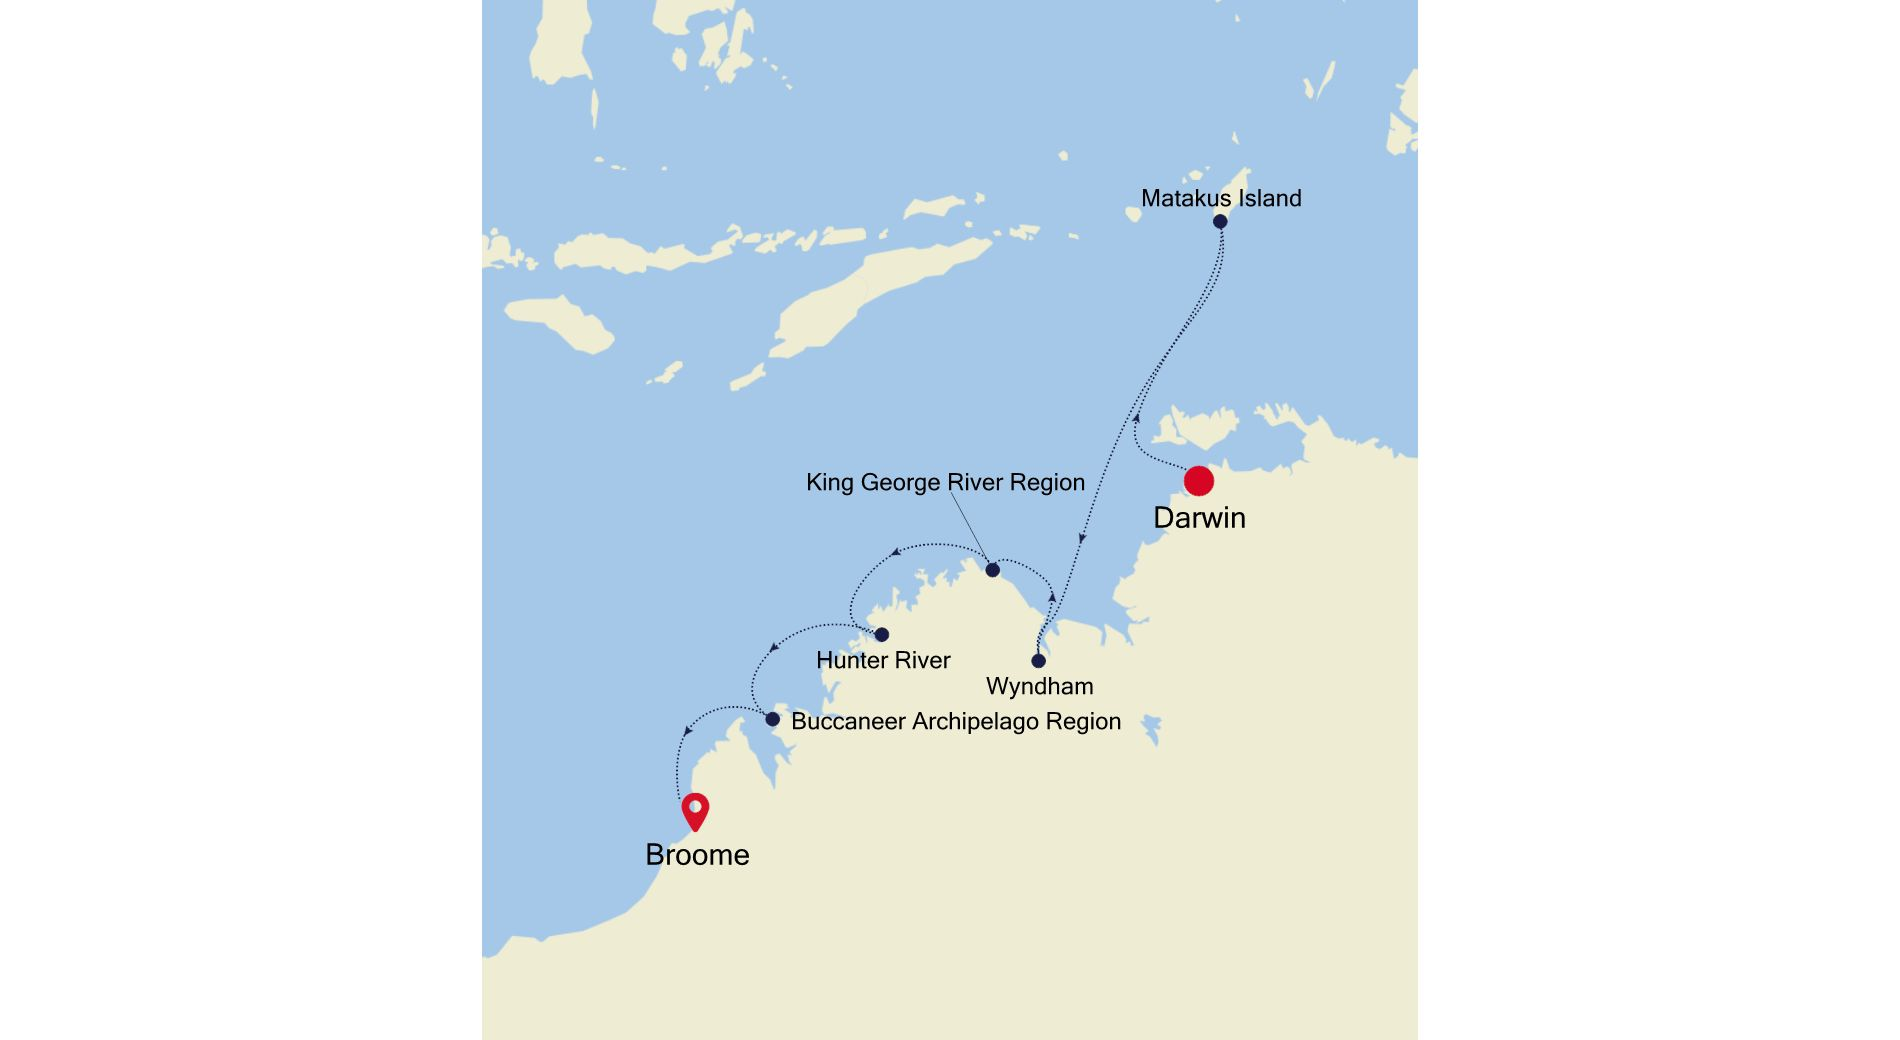 E1210724010 - Darwin nach Broome